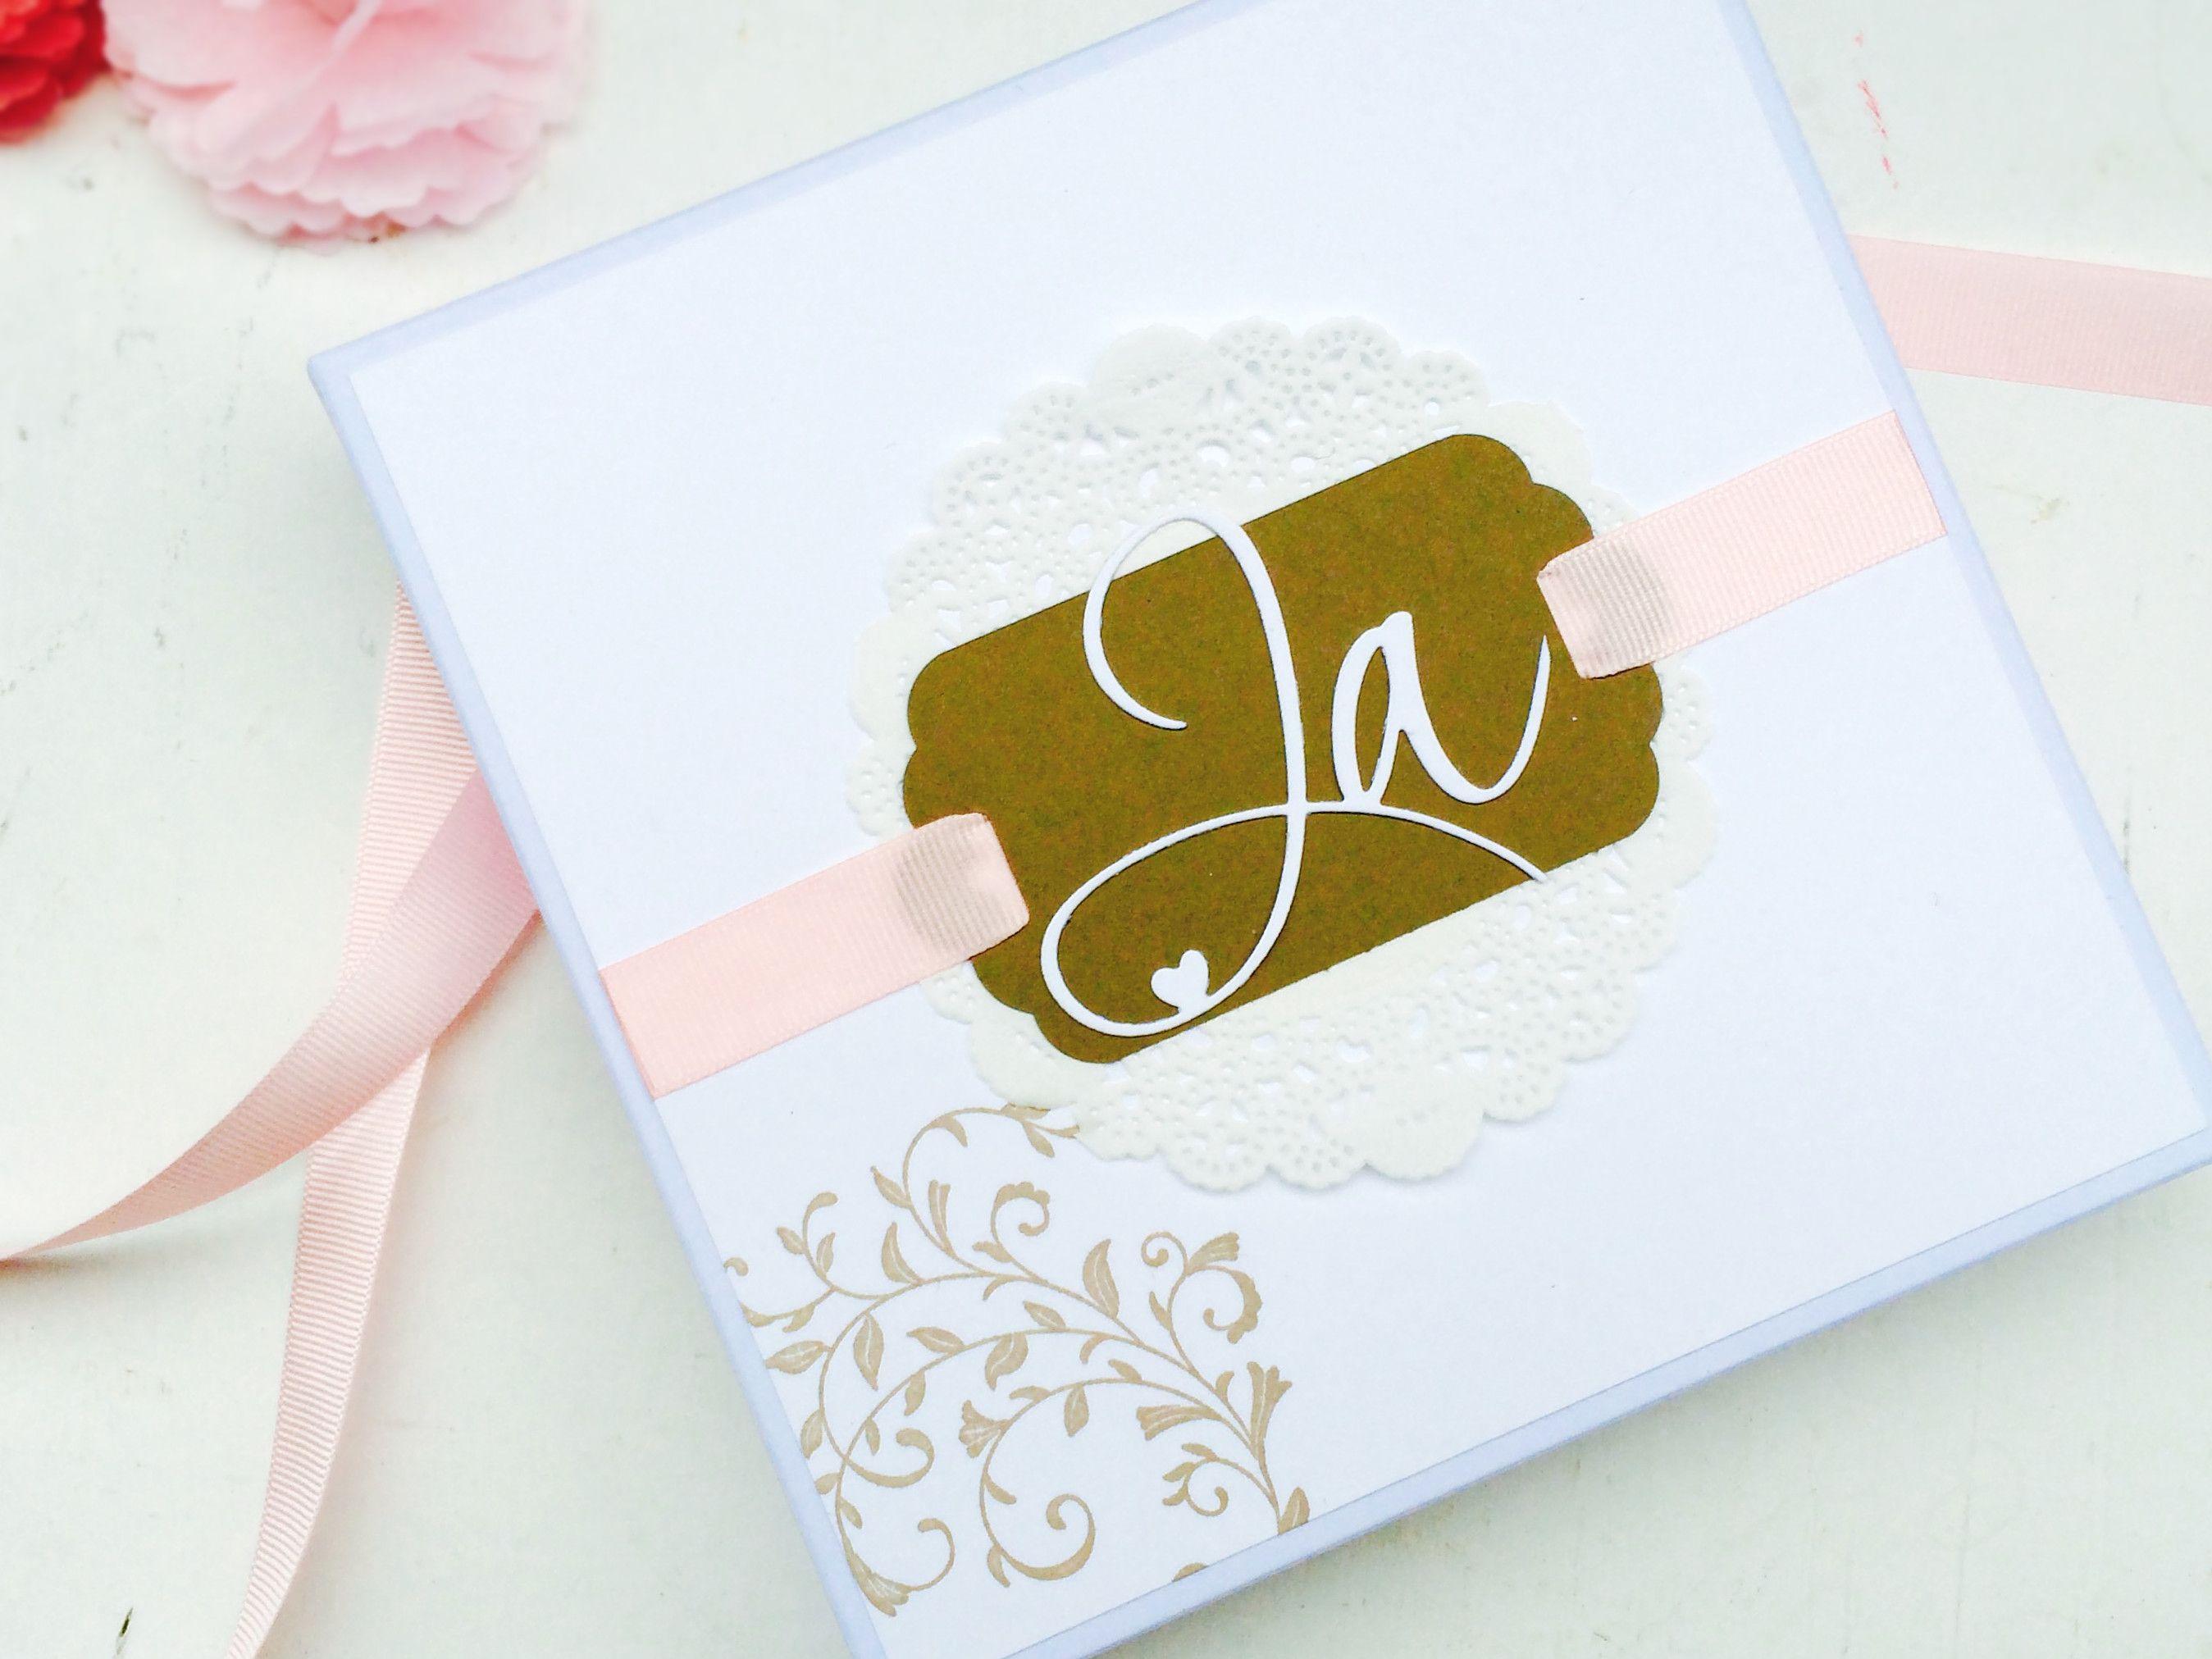 Einladung Zur Hochzeit In Einer Schachtel Liebevoll Verpackt, Außergewöhnliche  Einladung Zur Hochzeit, Sandra Kolb